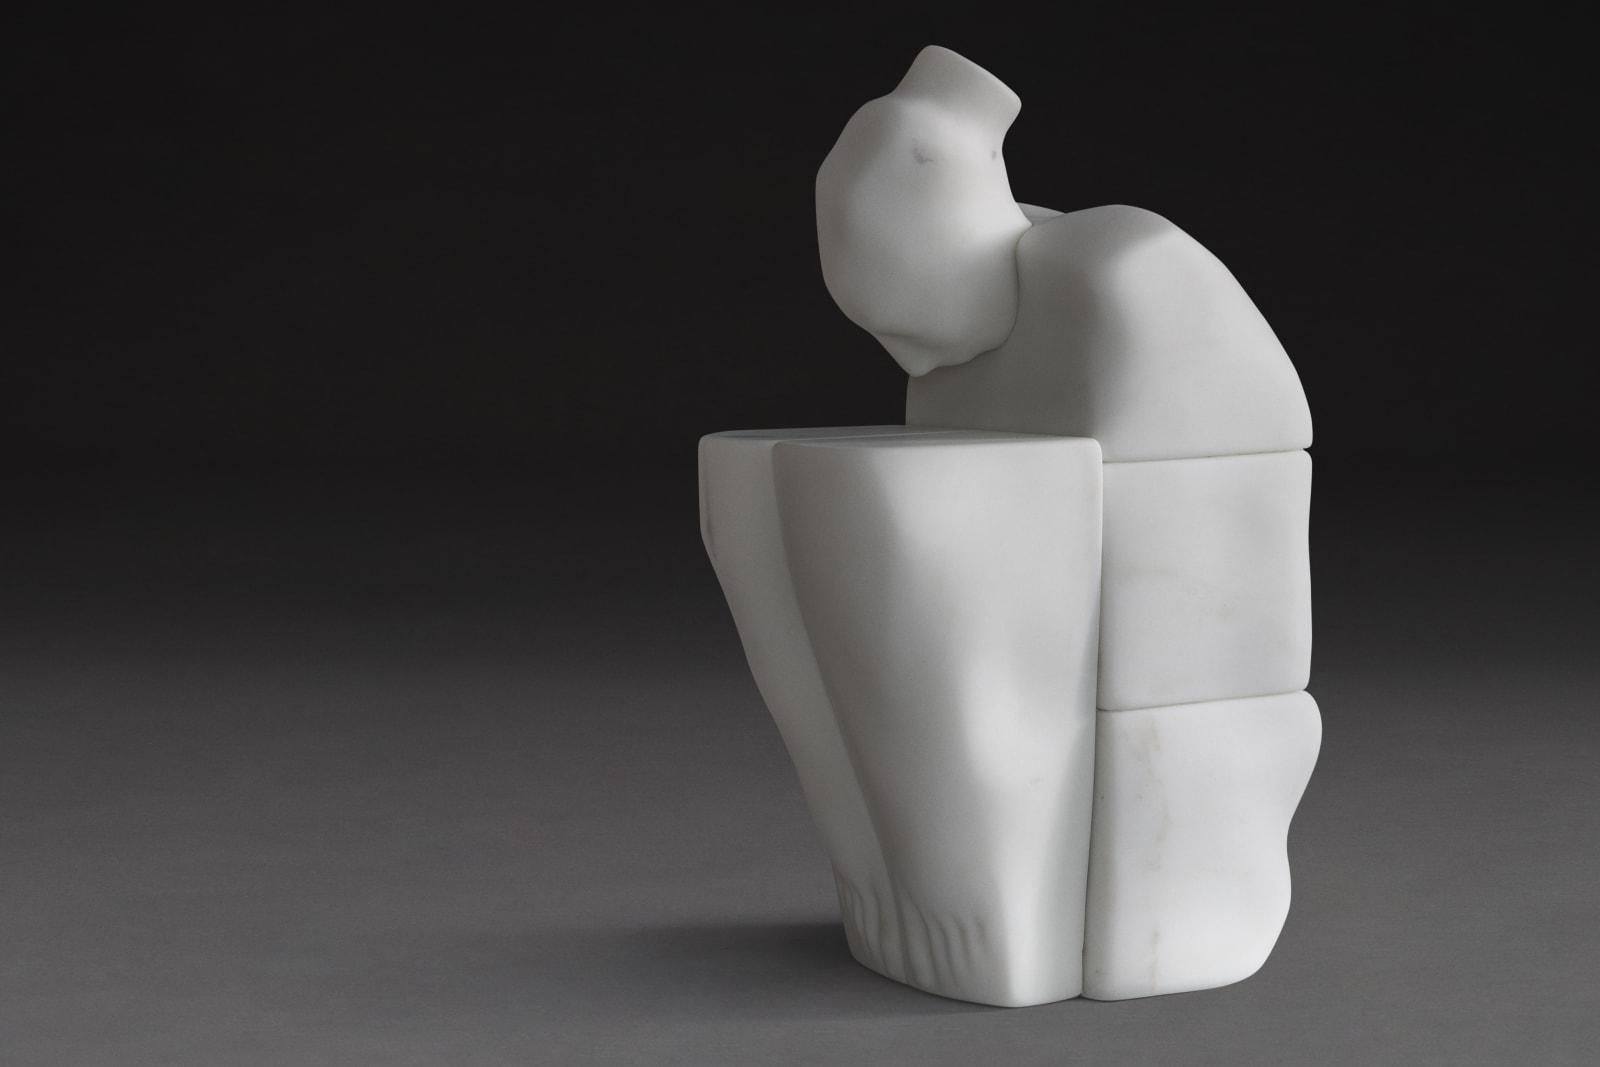 Nostalgia, White Statuary - Marble of Carrara, 28 x 38 x 63 cm, 2017